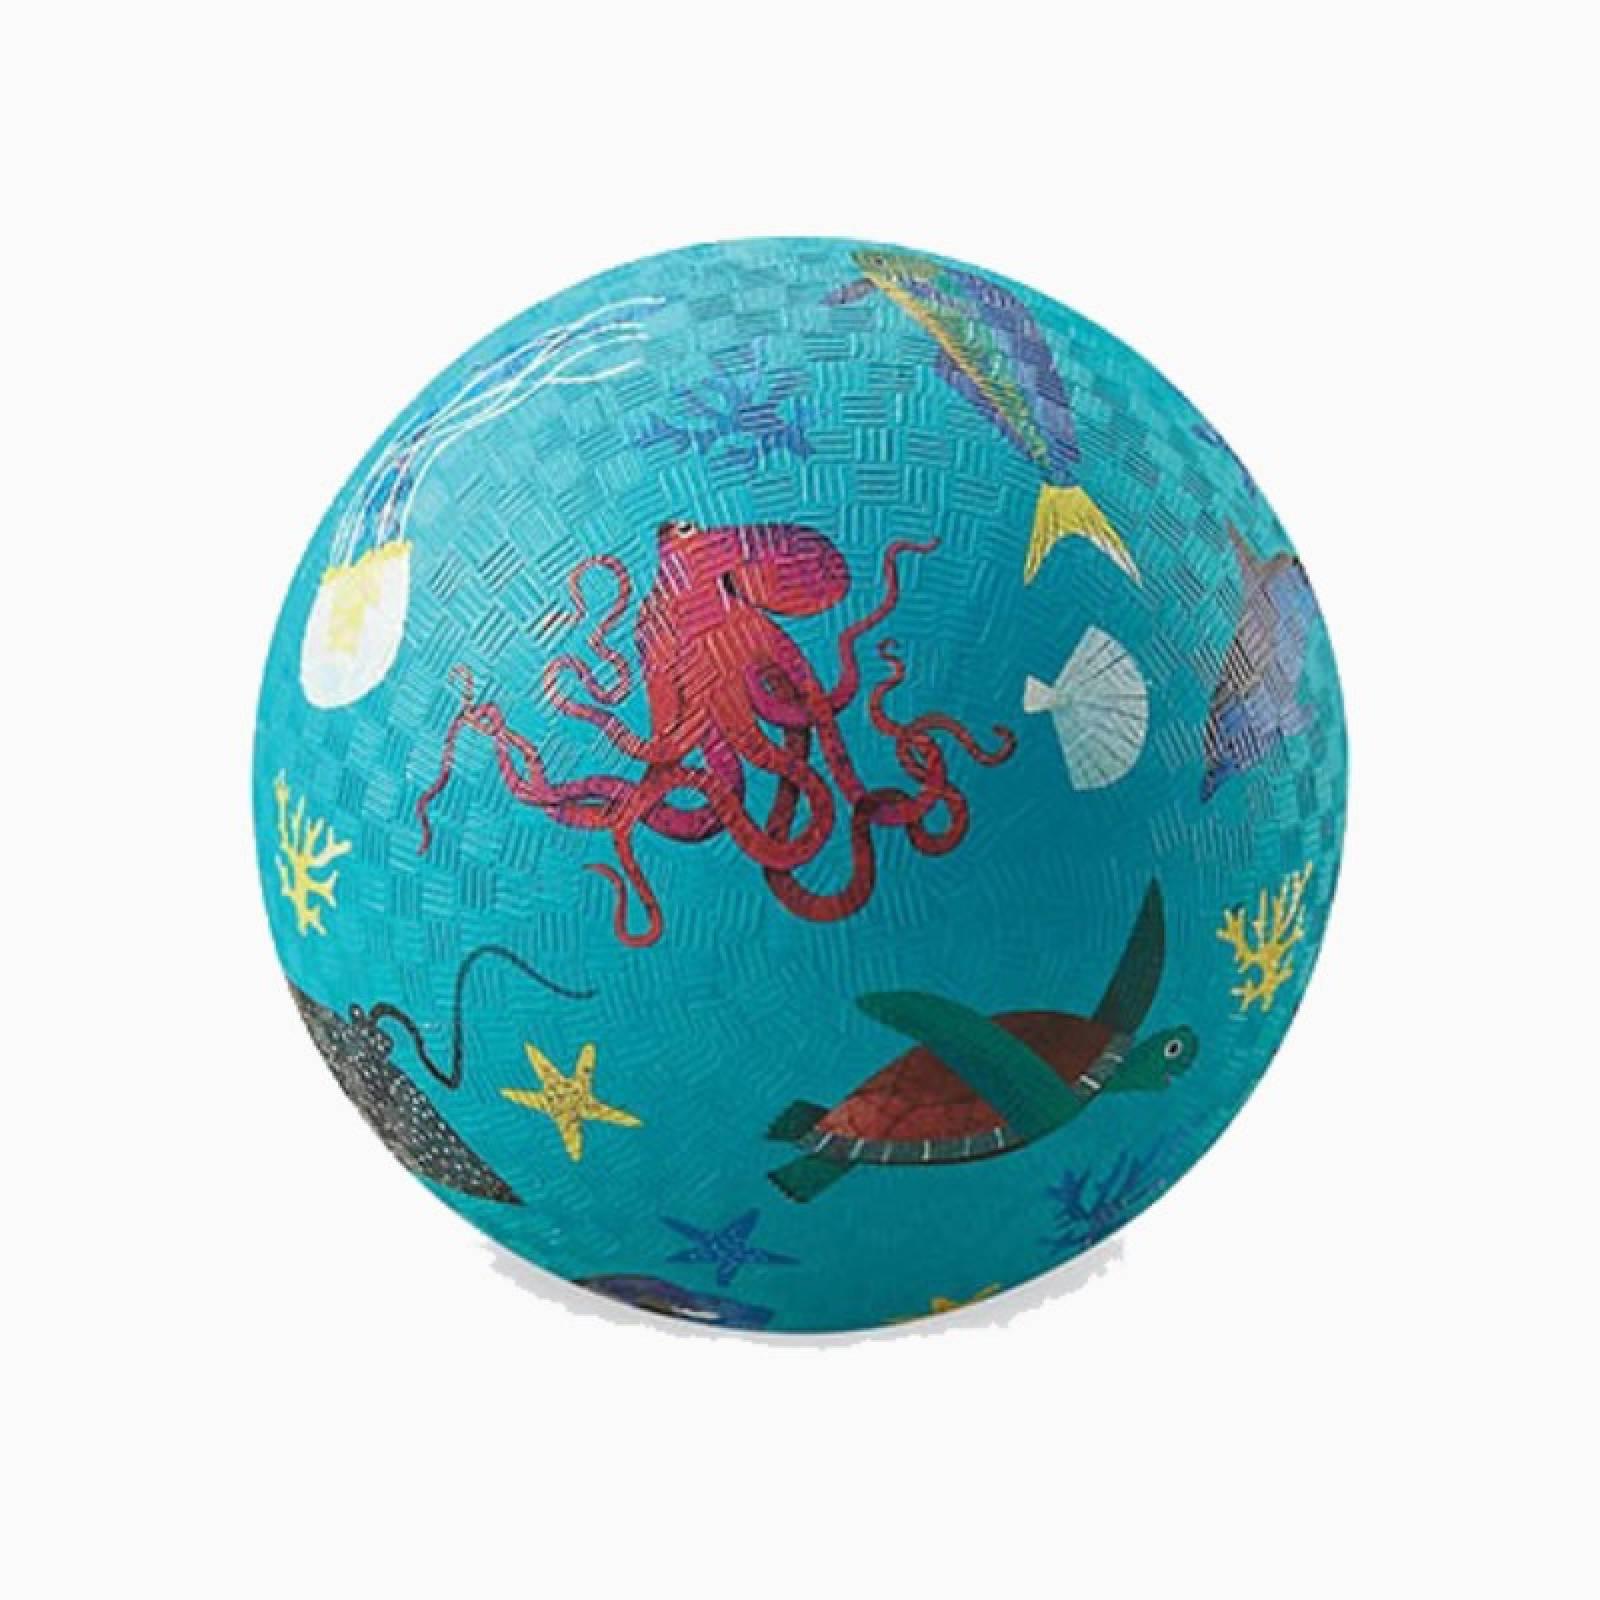 Sea Animals - Small Rubber Picture Ball 13cm